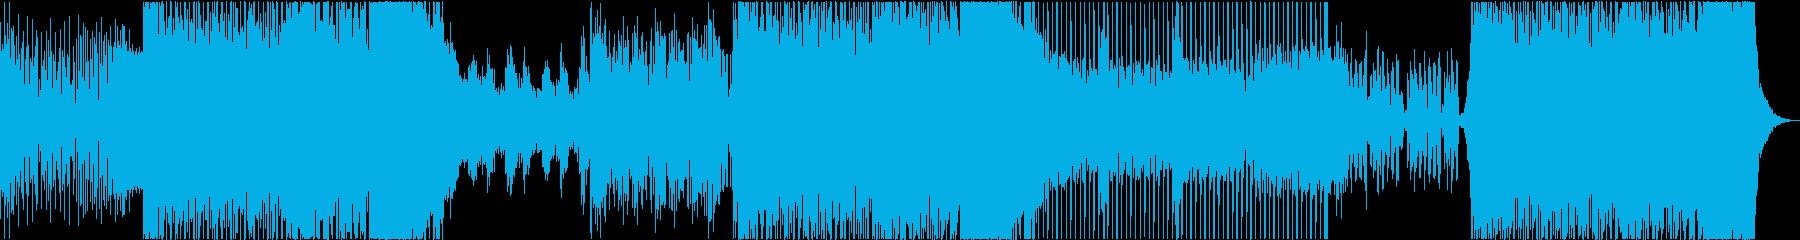 EDM 3分 動画 イメージ ピアノの再生済みの波形